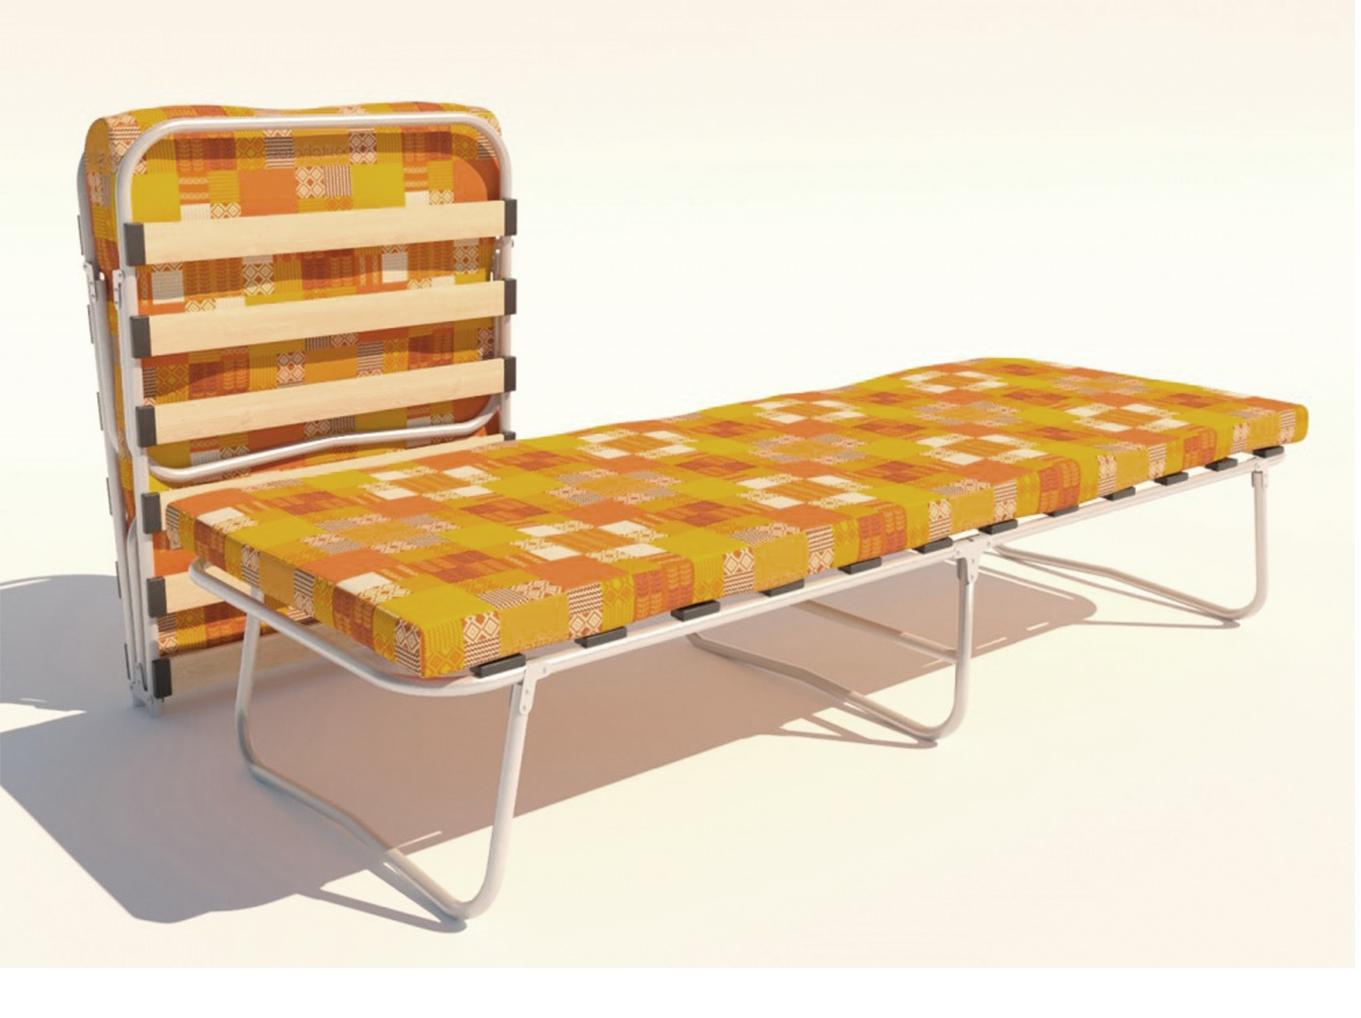 Кровать-тумба Гармония-2 (лам) до 120 кг